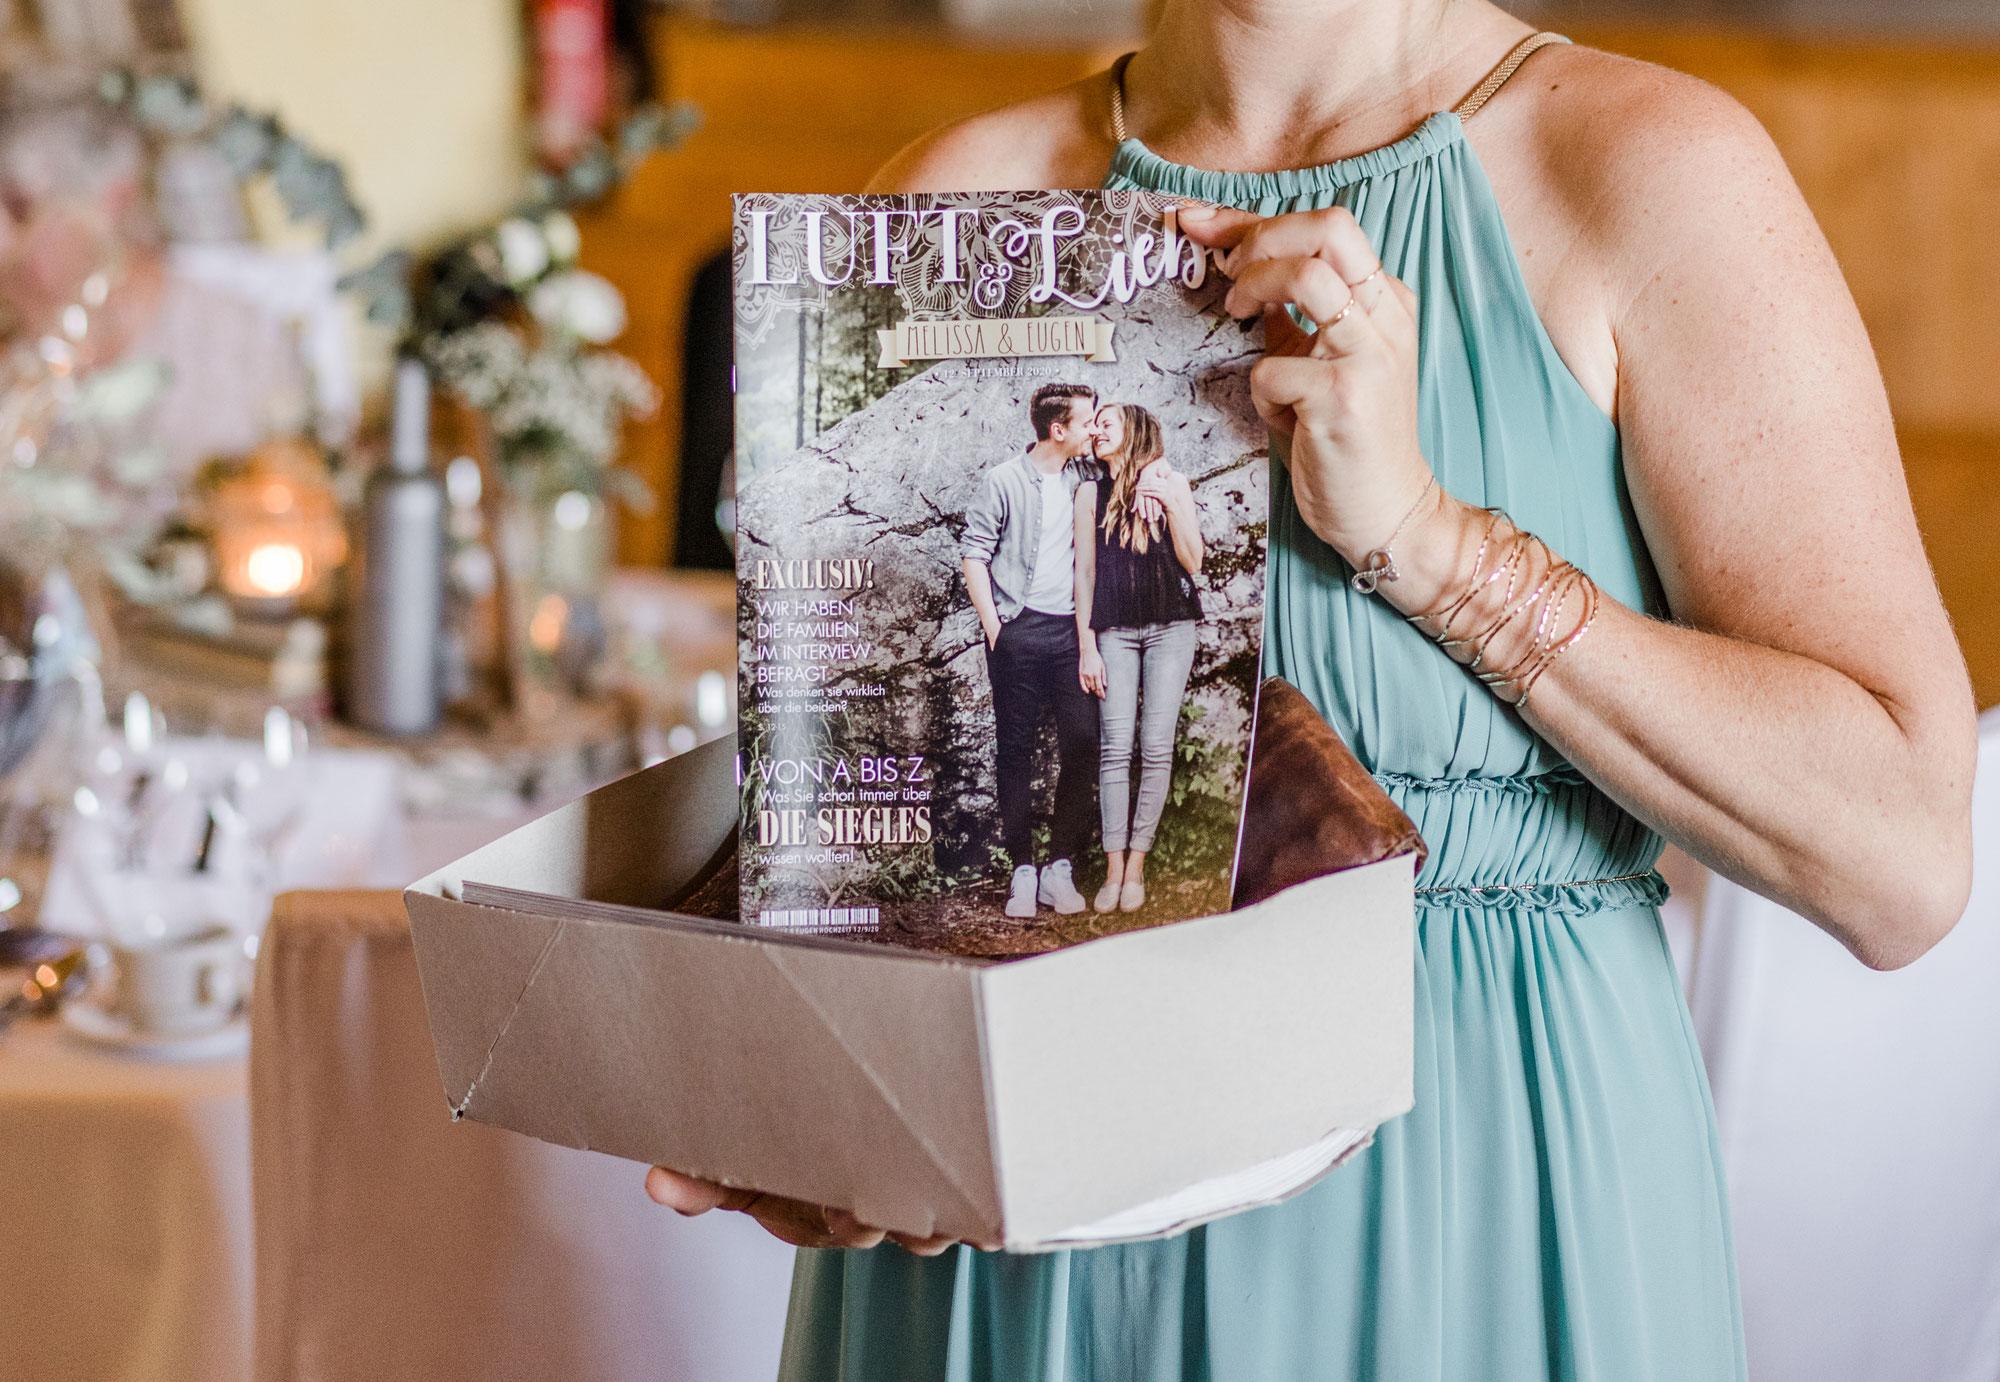 Hochzeitszeitung gefällig?